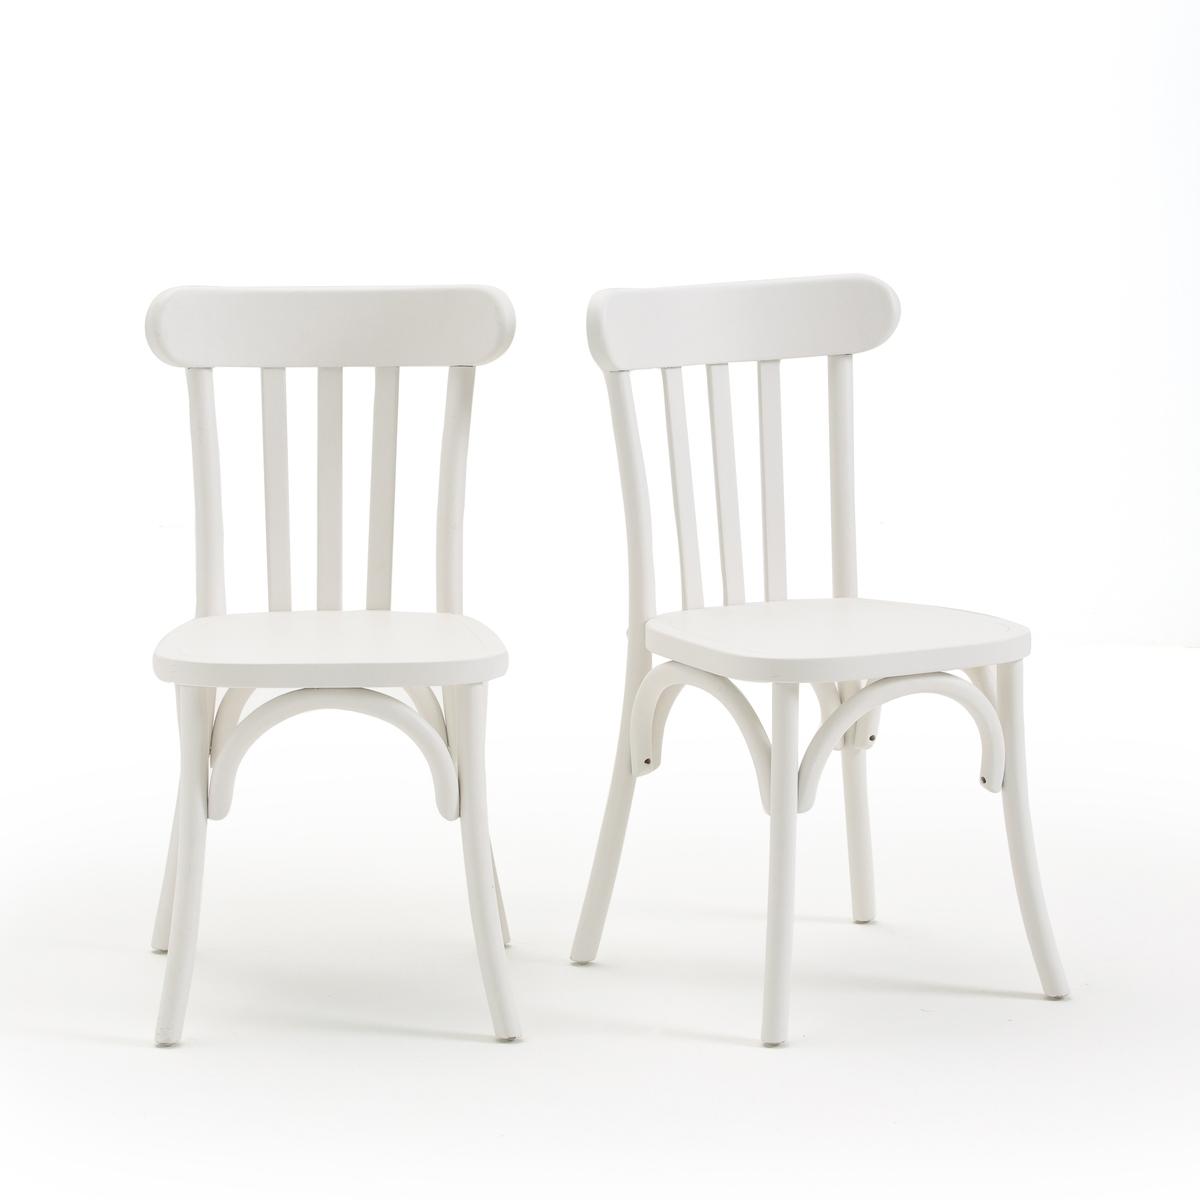 Стул в стиле бистро (комплект из 2 шт.) INQALUIT стул sland бистро 2 bordo